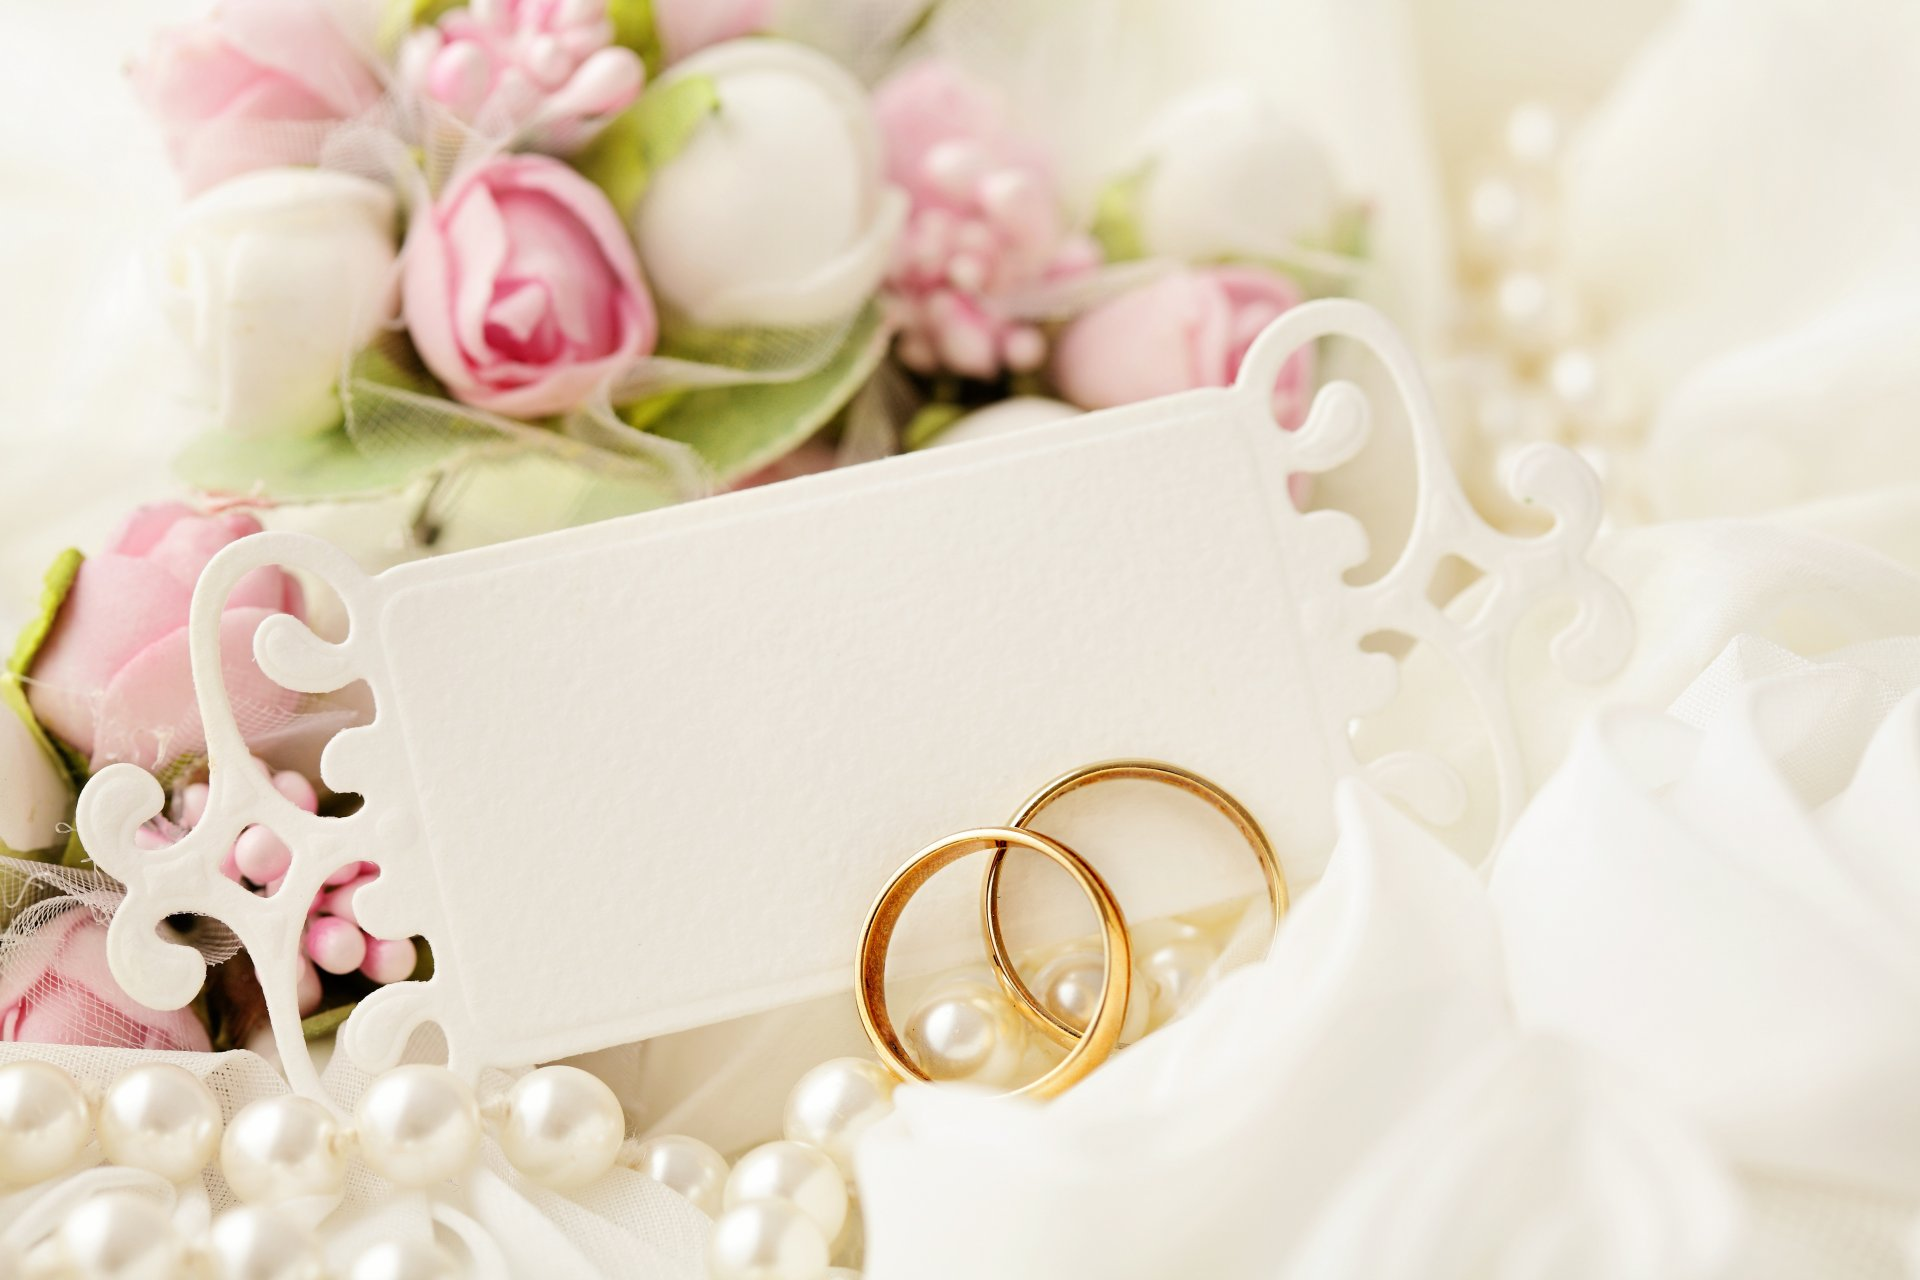 Красивые фото для свадебной открытки